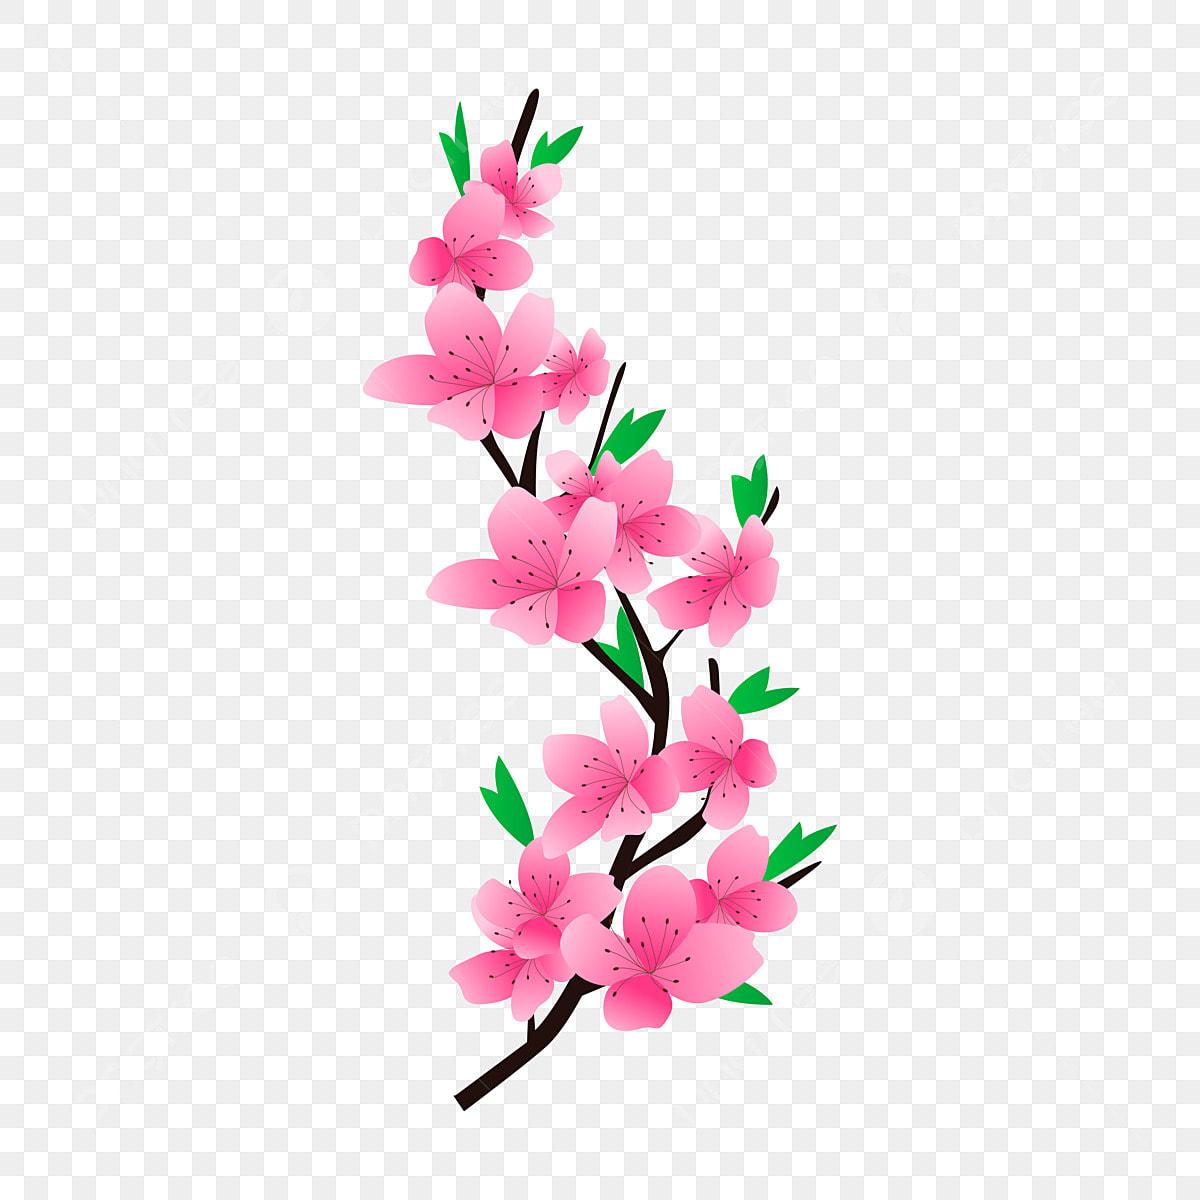 Dessin Anime Boucle Libre Fleur Rose Fleur Rose Bande Fleur De